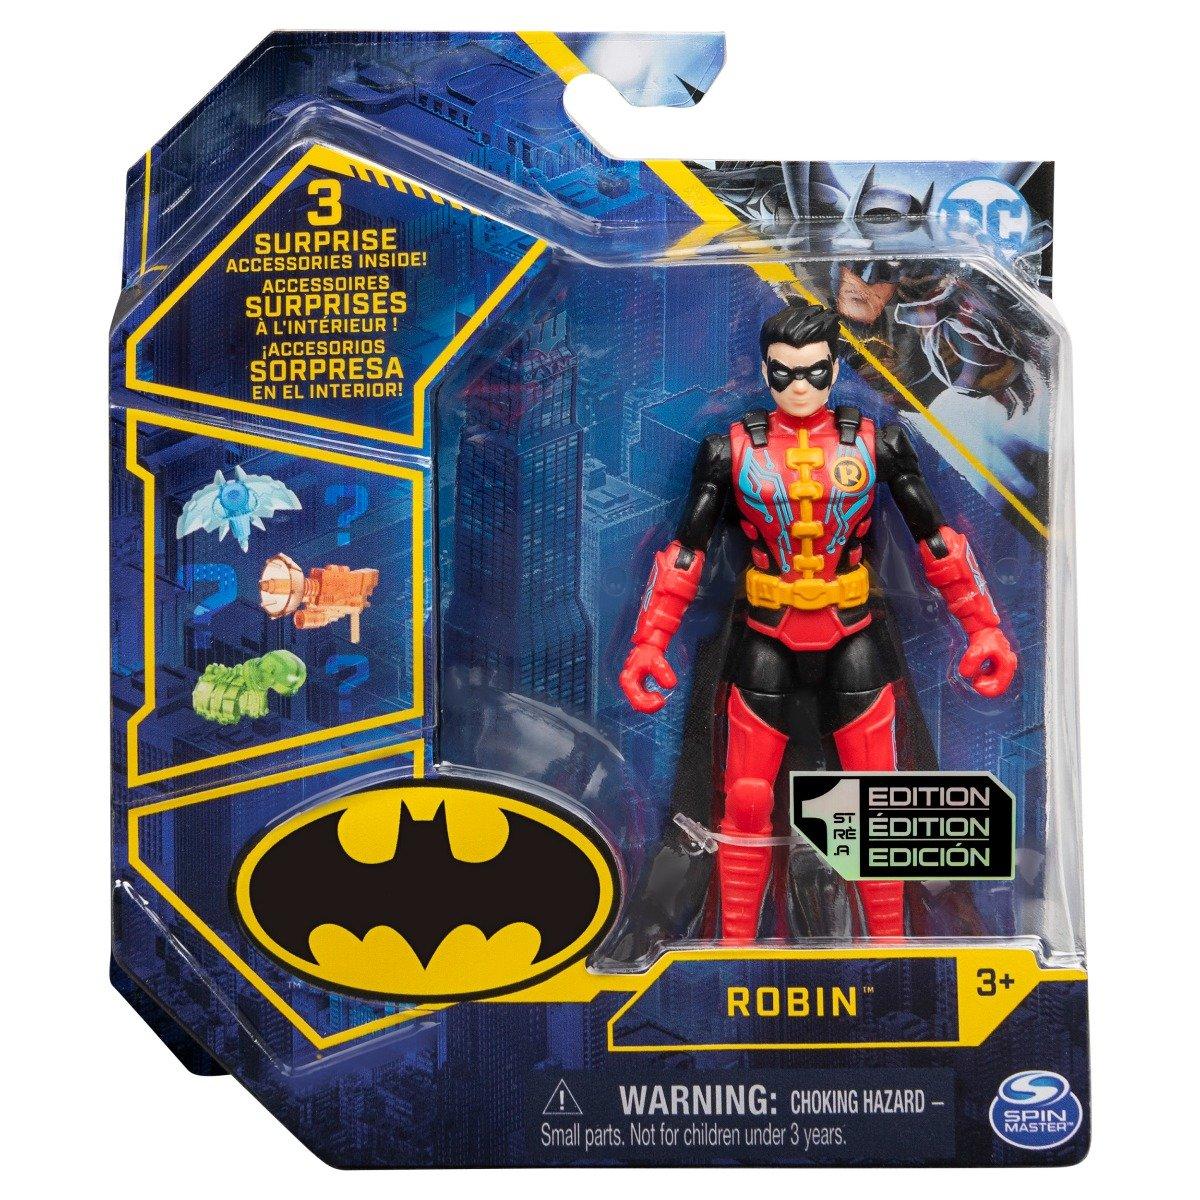 Set Figurina cu accesorii surpriza Batman, Robin 20129813